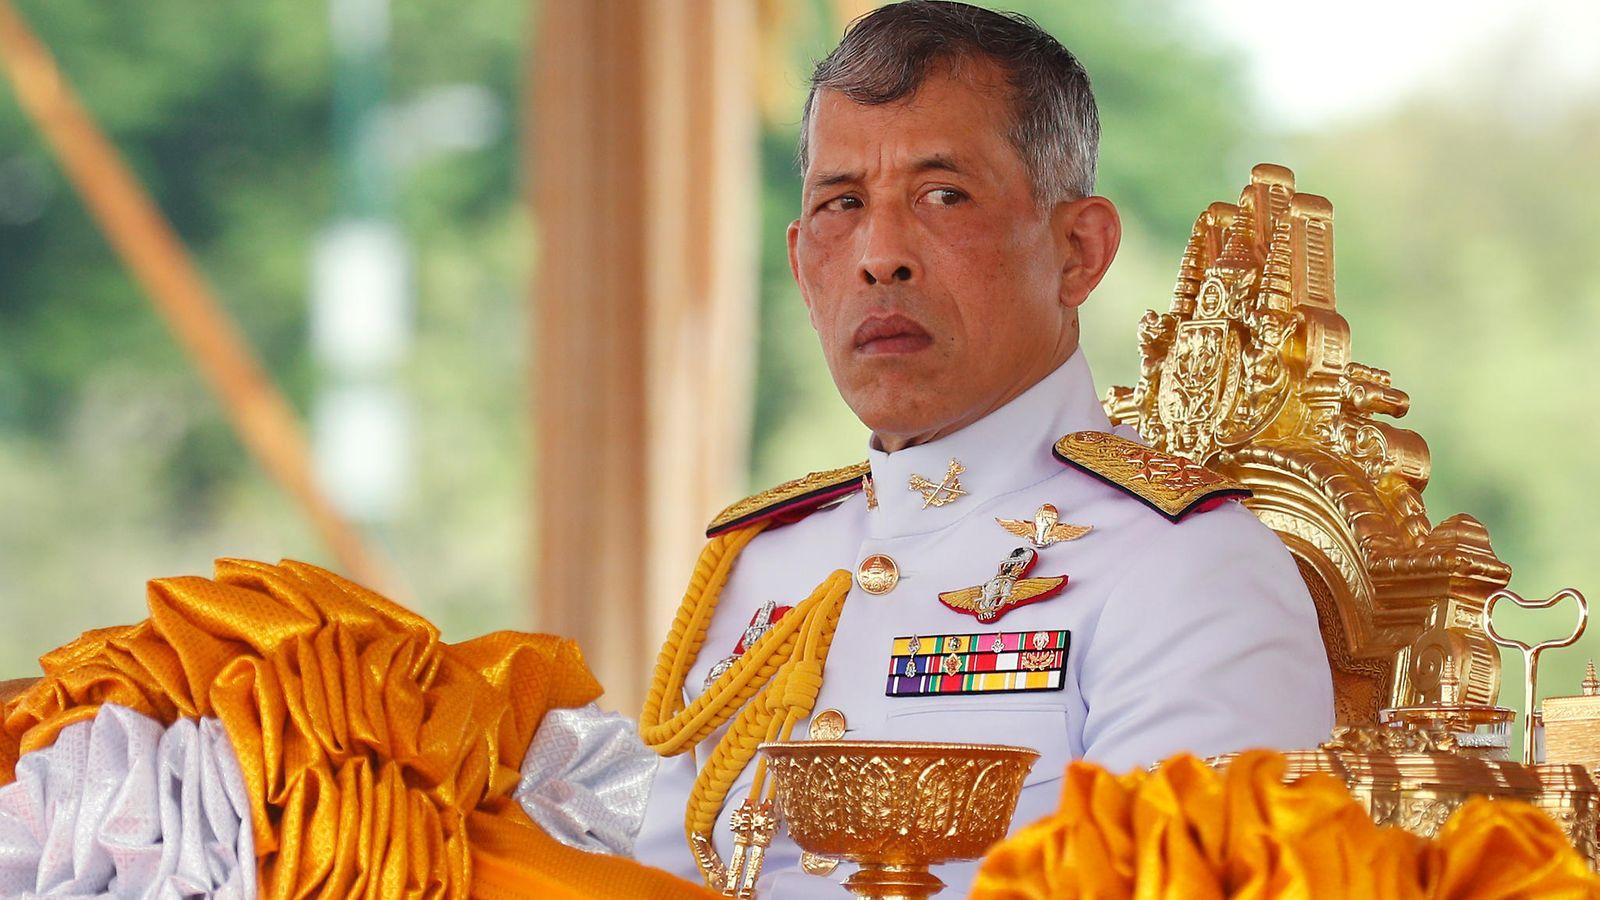 thaimaan naiset etsii miestä hjo